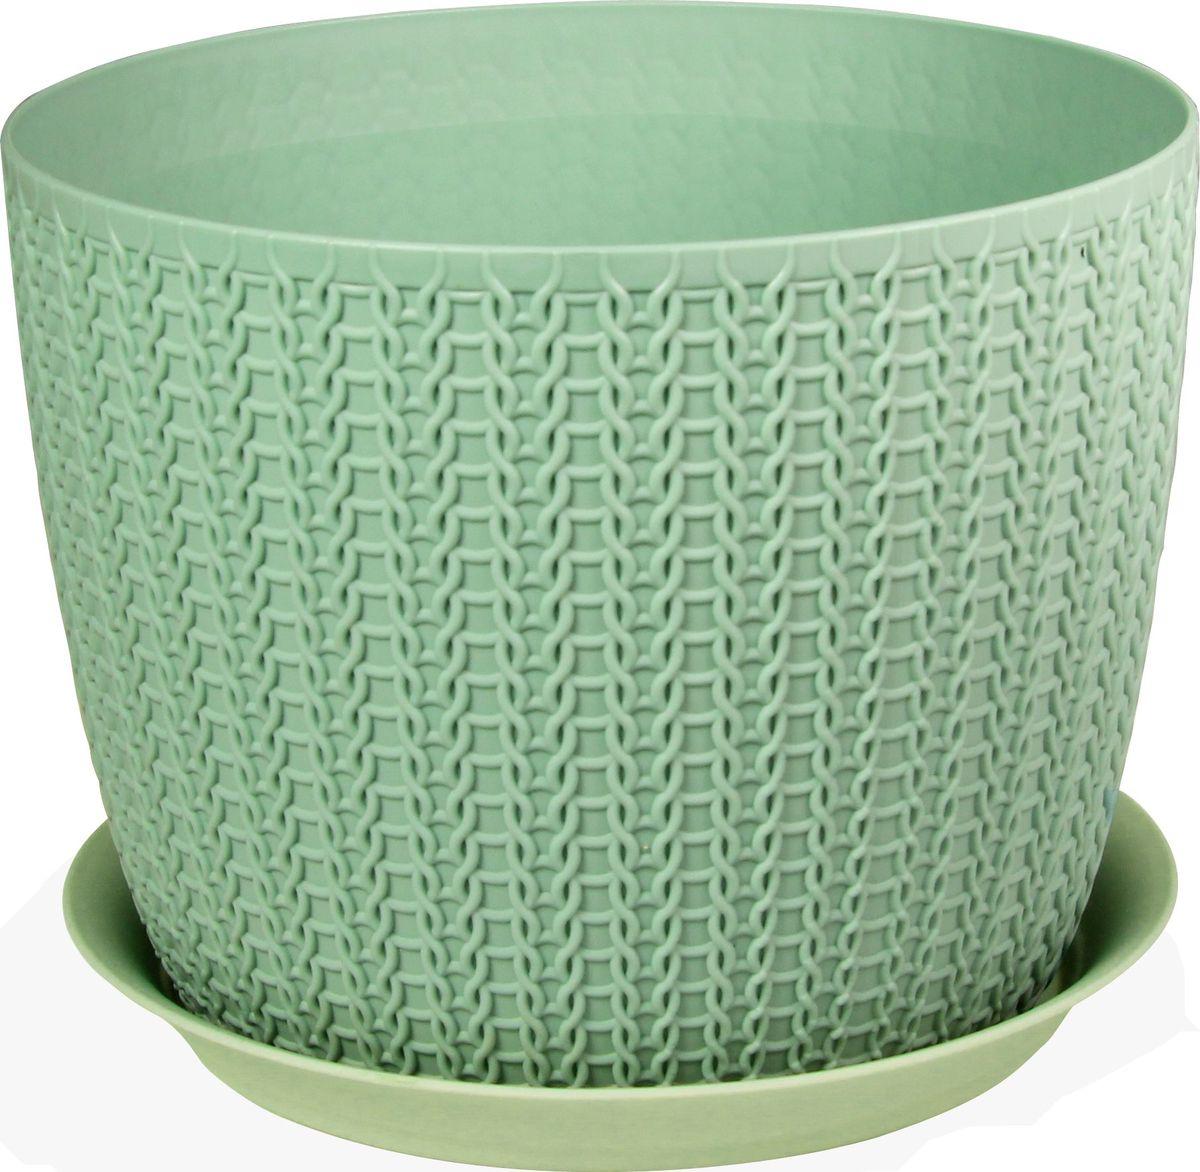 Кашпо Idea Вязание, с поддоном, цвет: фисташковый4,5 л, диаметр 21 см. М 3122М 3122_фисташковый